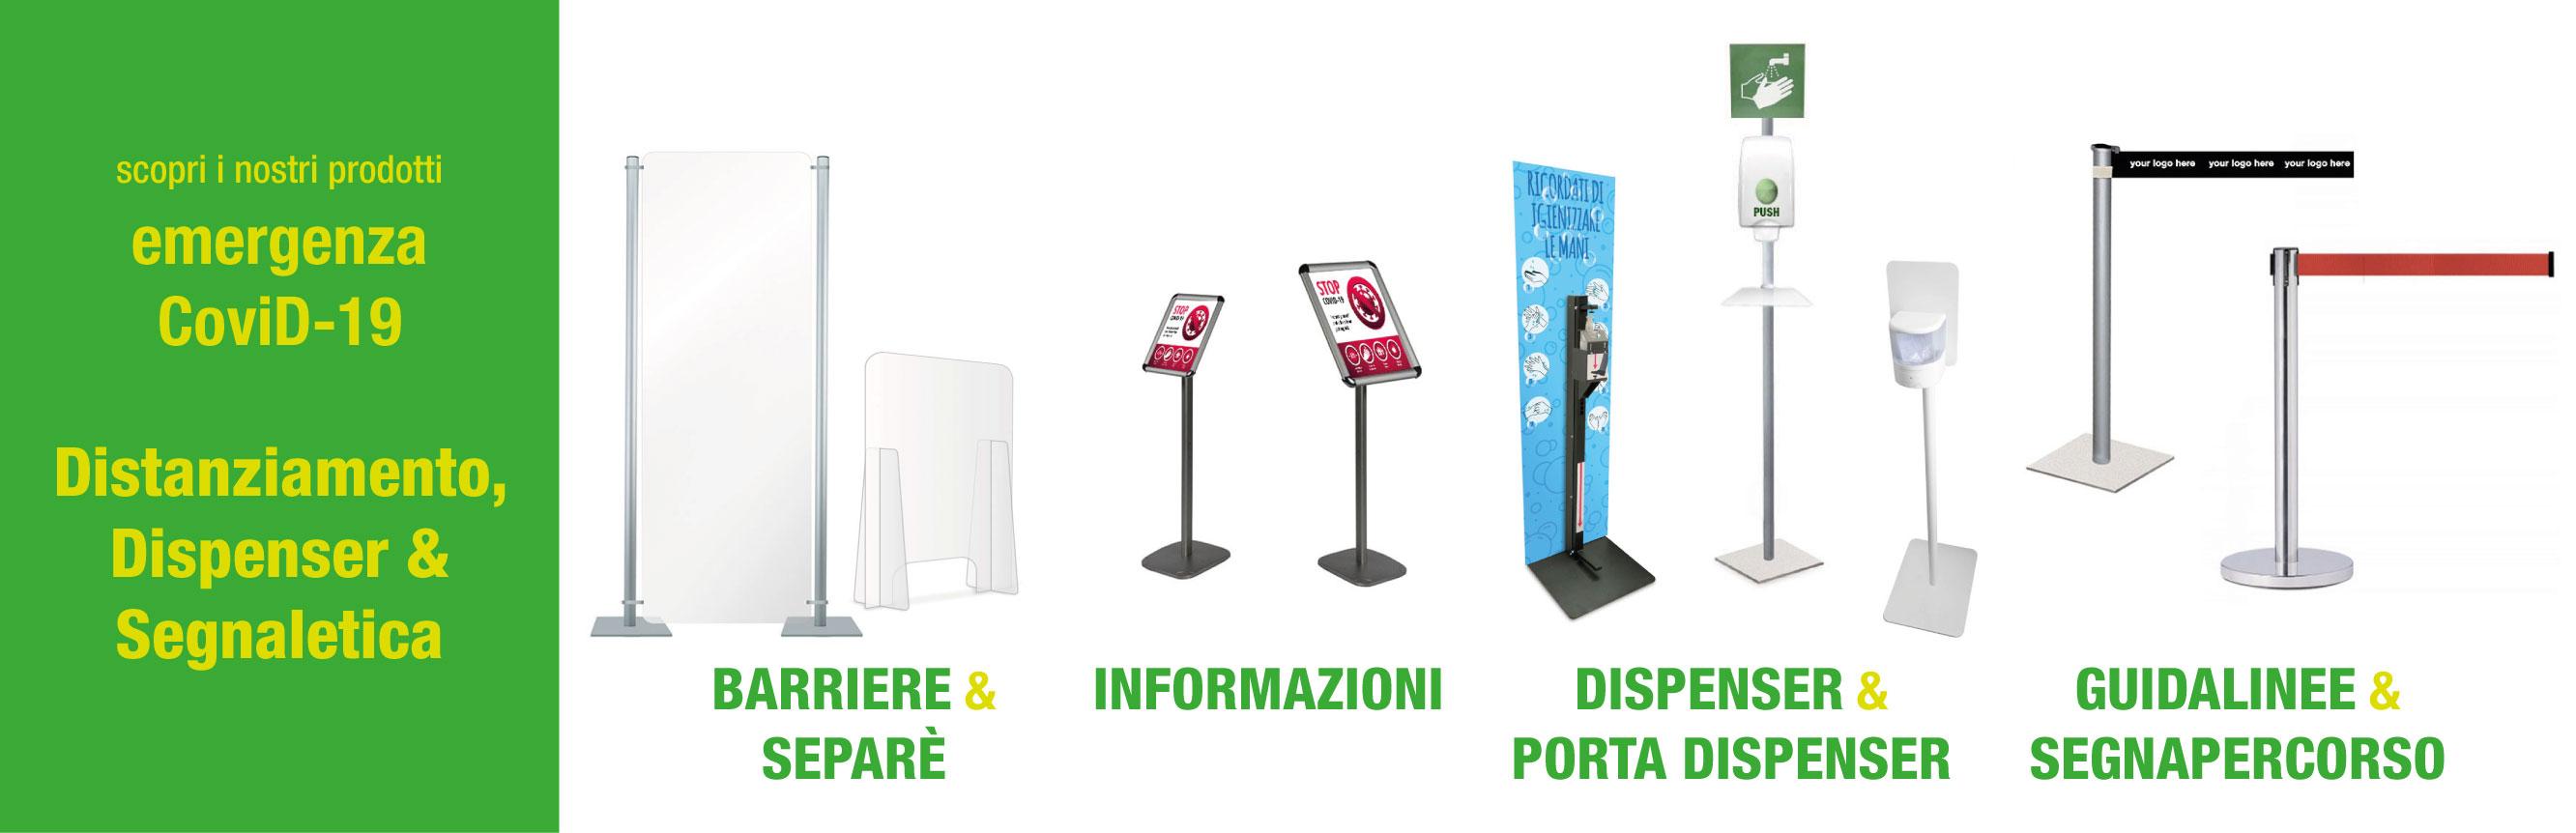 barriere segnapercorso piantane accessoriate e informazioni